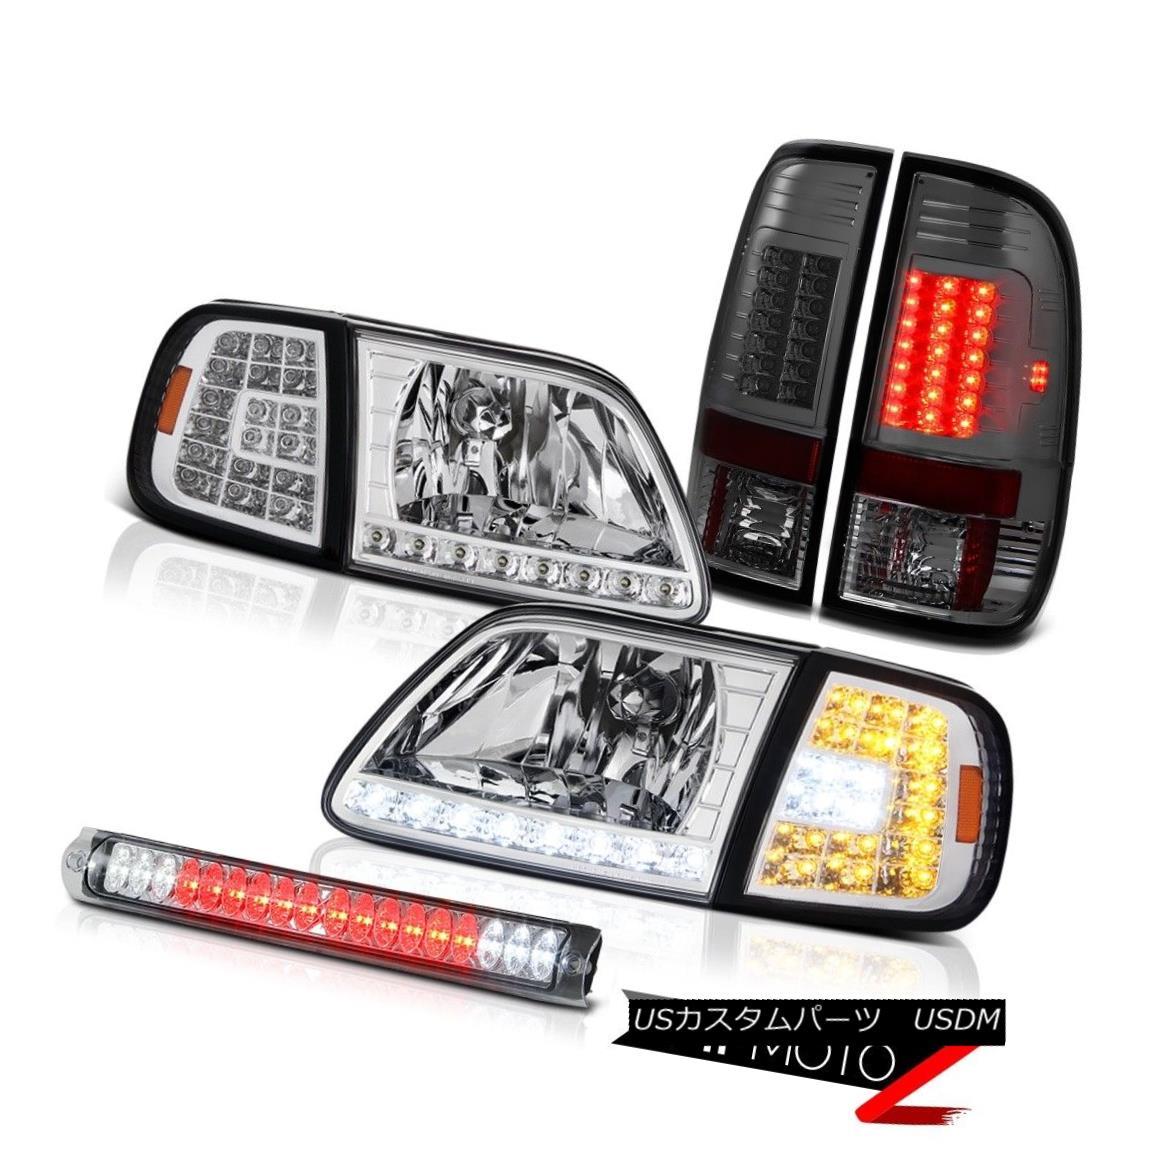 ヘッドライト 97-03 F150 Lariat Crystal SMD Parking Headlights Signal Tail Light Roof Stop LED 97-03 F150ラリアトクリスタルSMDパーキングヘッドライト信号テールライトルーフストップLED